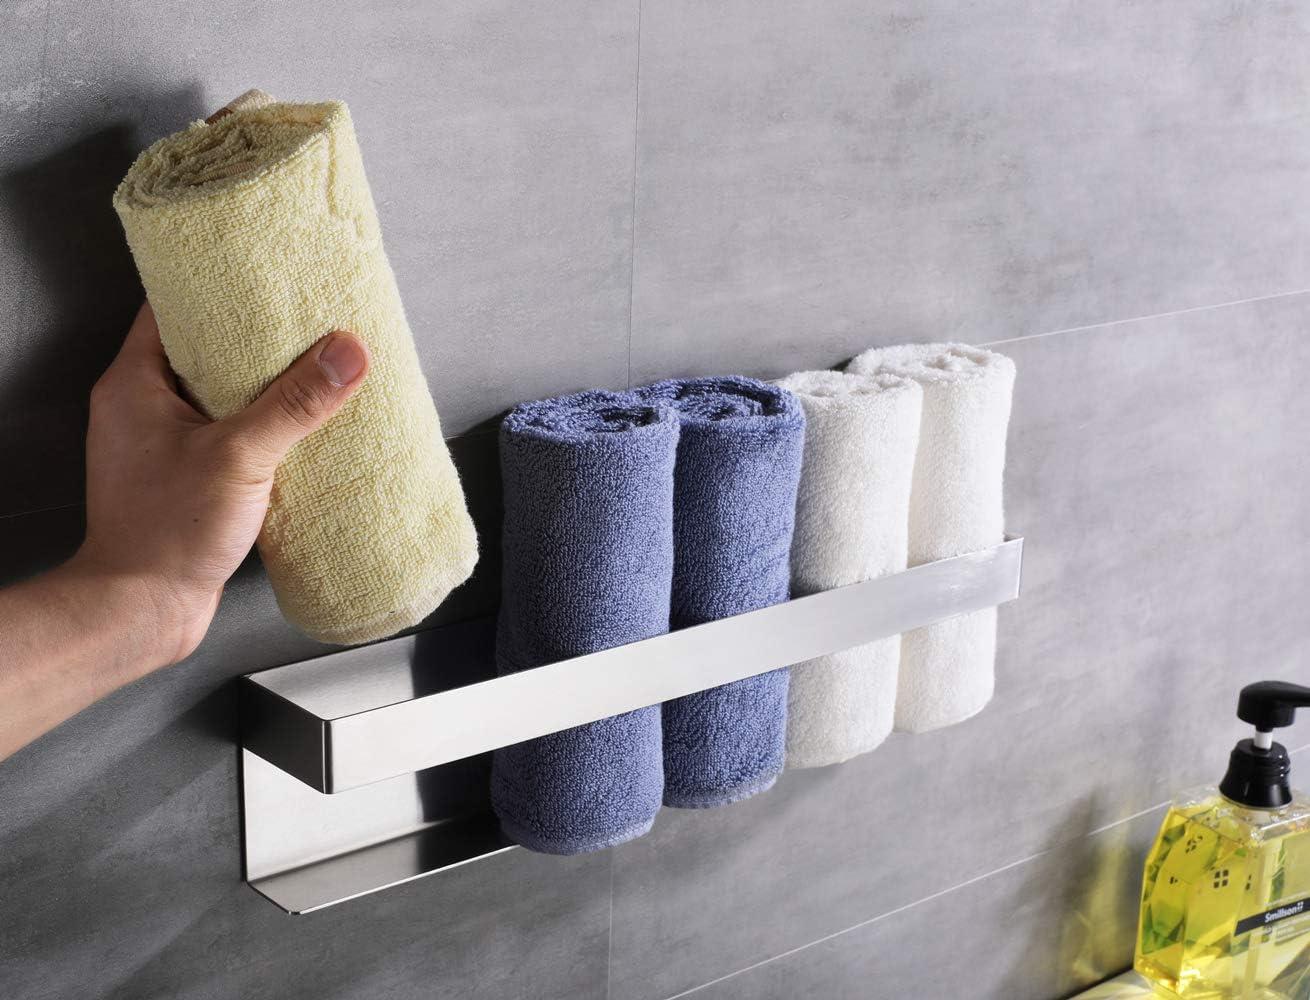 F91101D HomeHeng Schwenkbarer Handtuchhalter 2 Stangen ,Wandmontage-Handtuchstange f/ür K/üche Handtuchhalter aus geb/ürstetem Edelstahl Toilette und Bad